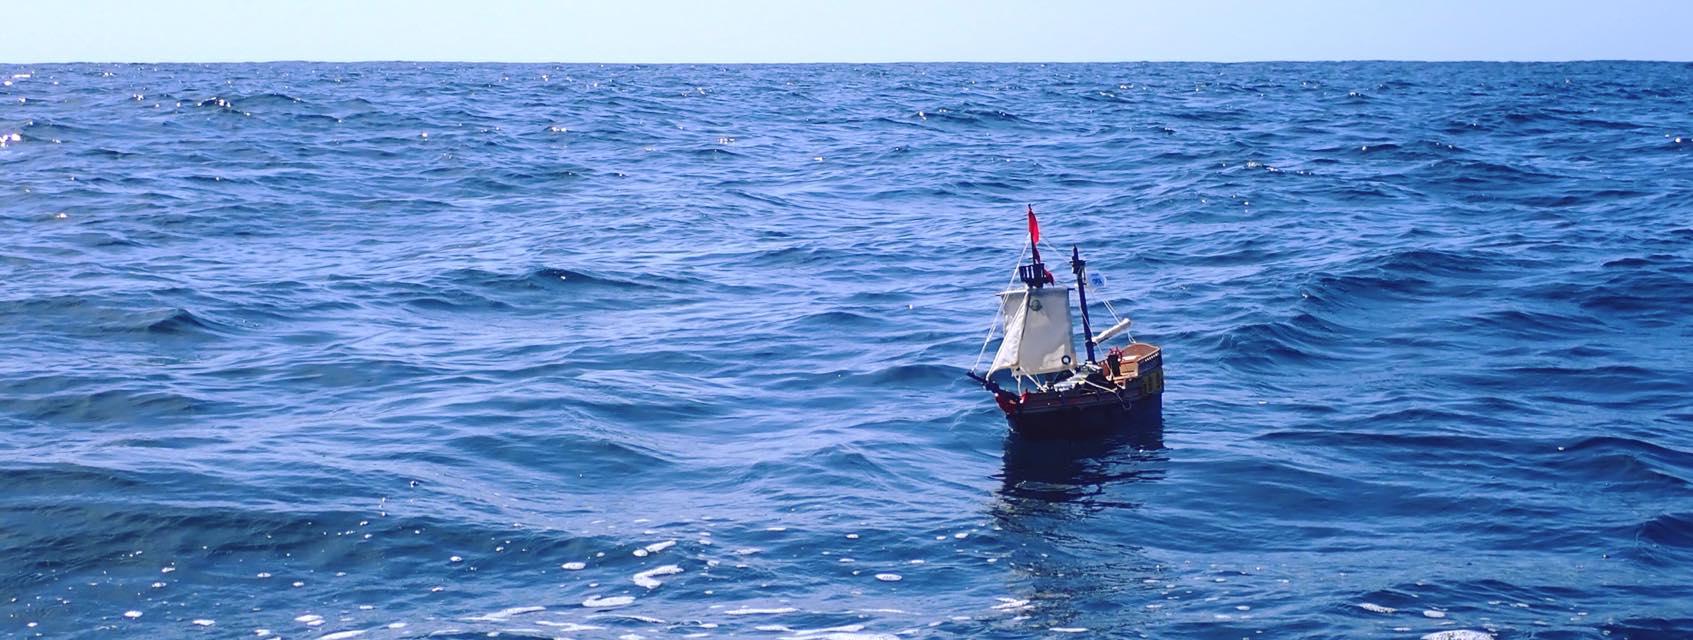 un barco de juguete cruza el atlántico